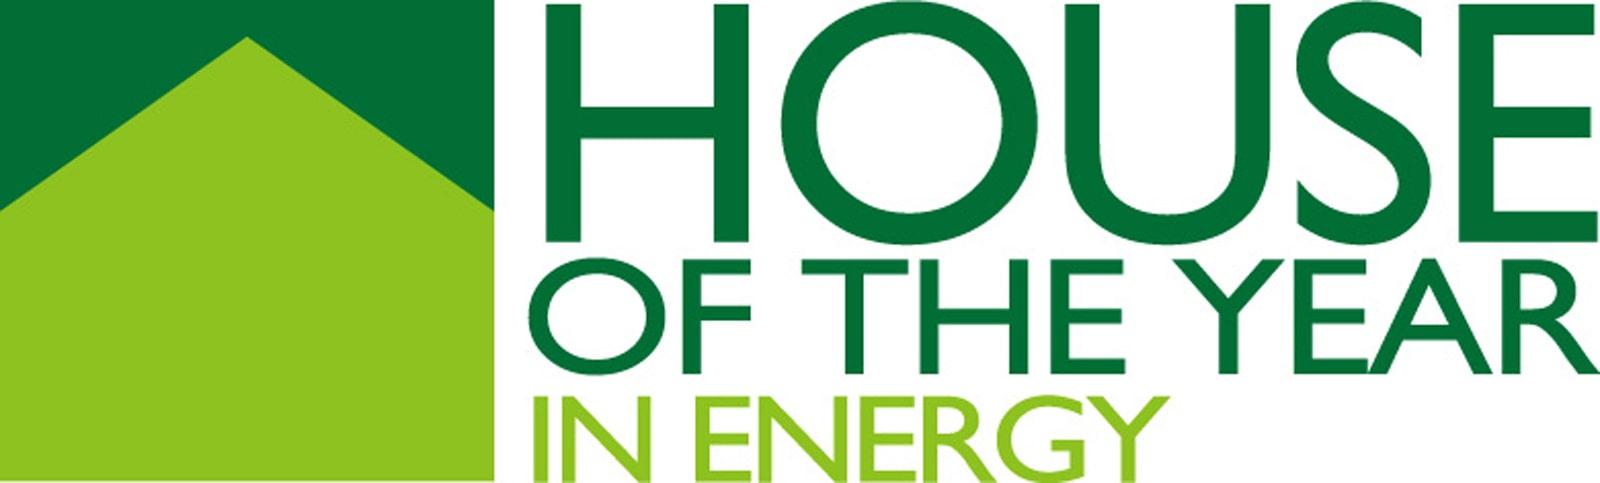 省エネルギー性能の優れた住宅を表彰し、さらなる省エネルギーによる環境負荷削減の推進と快適な住まいの実現に貢献することを目指す制度「ハウス・オブ・ザ・イヤー・イン・エナジー」